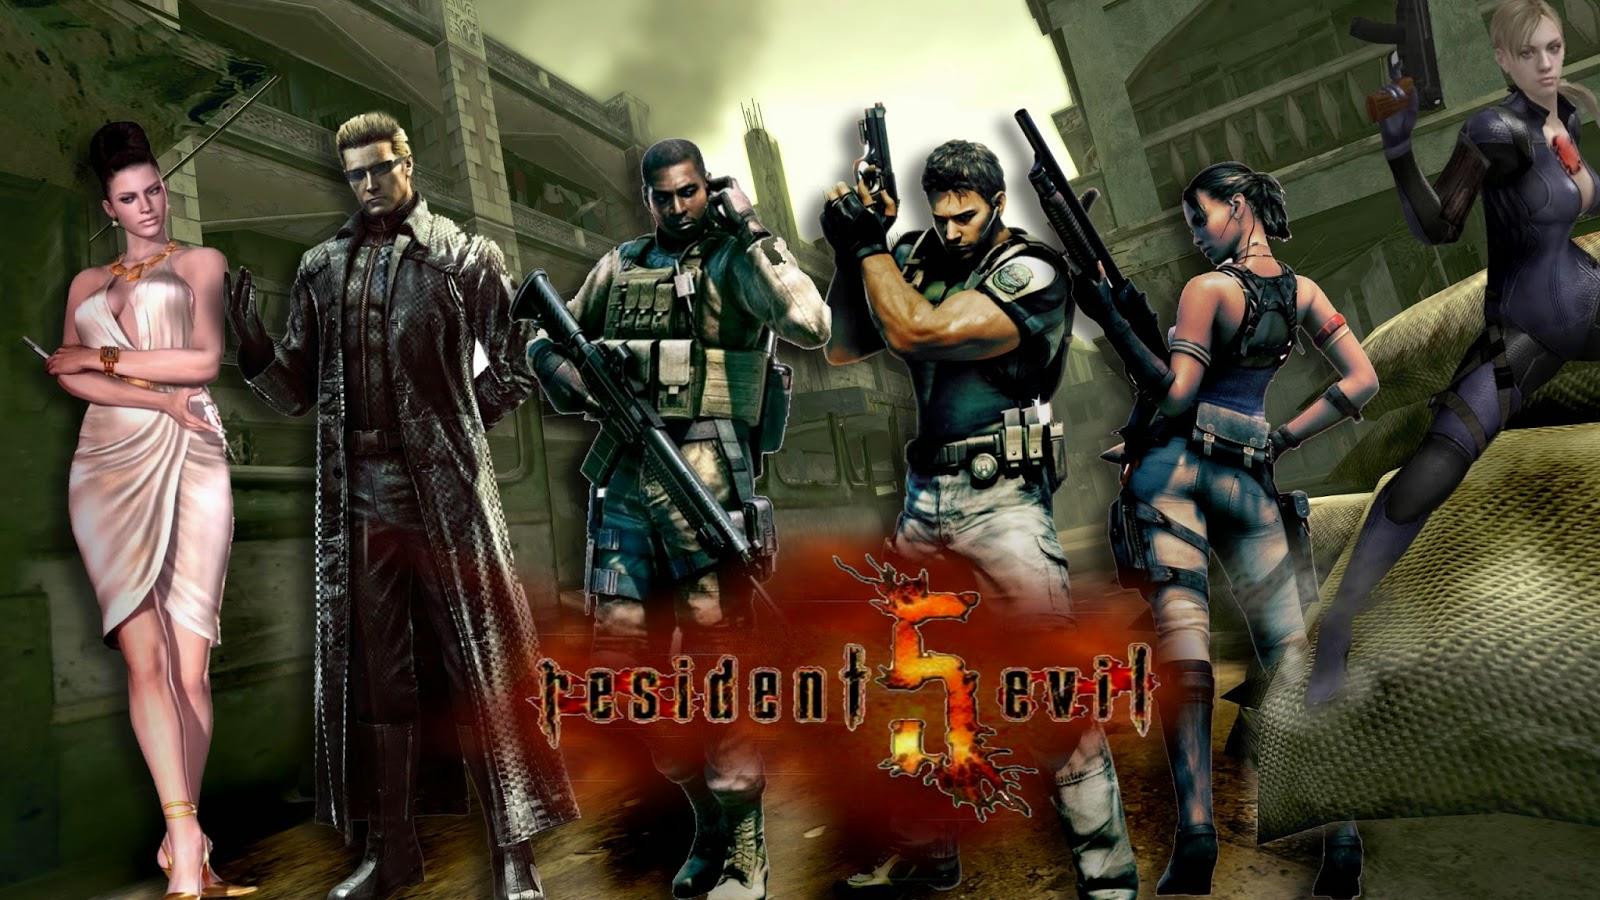 Residen Evil 5 Full Version